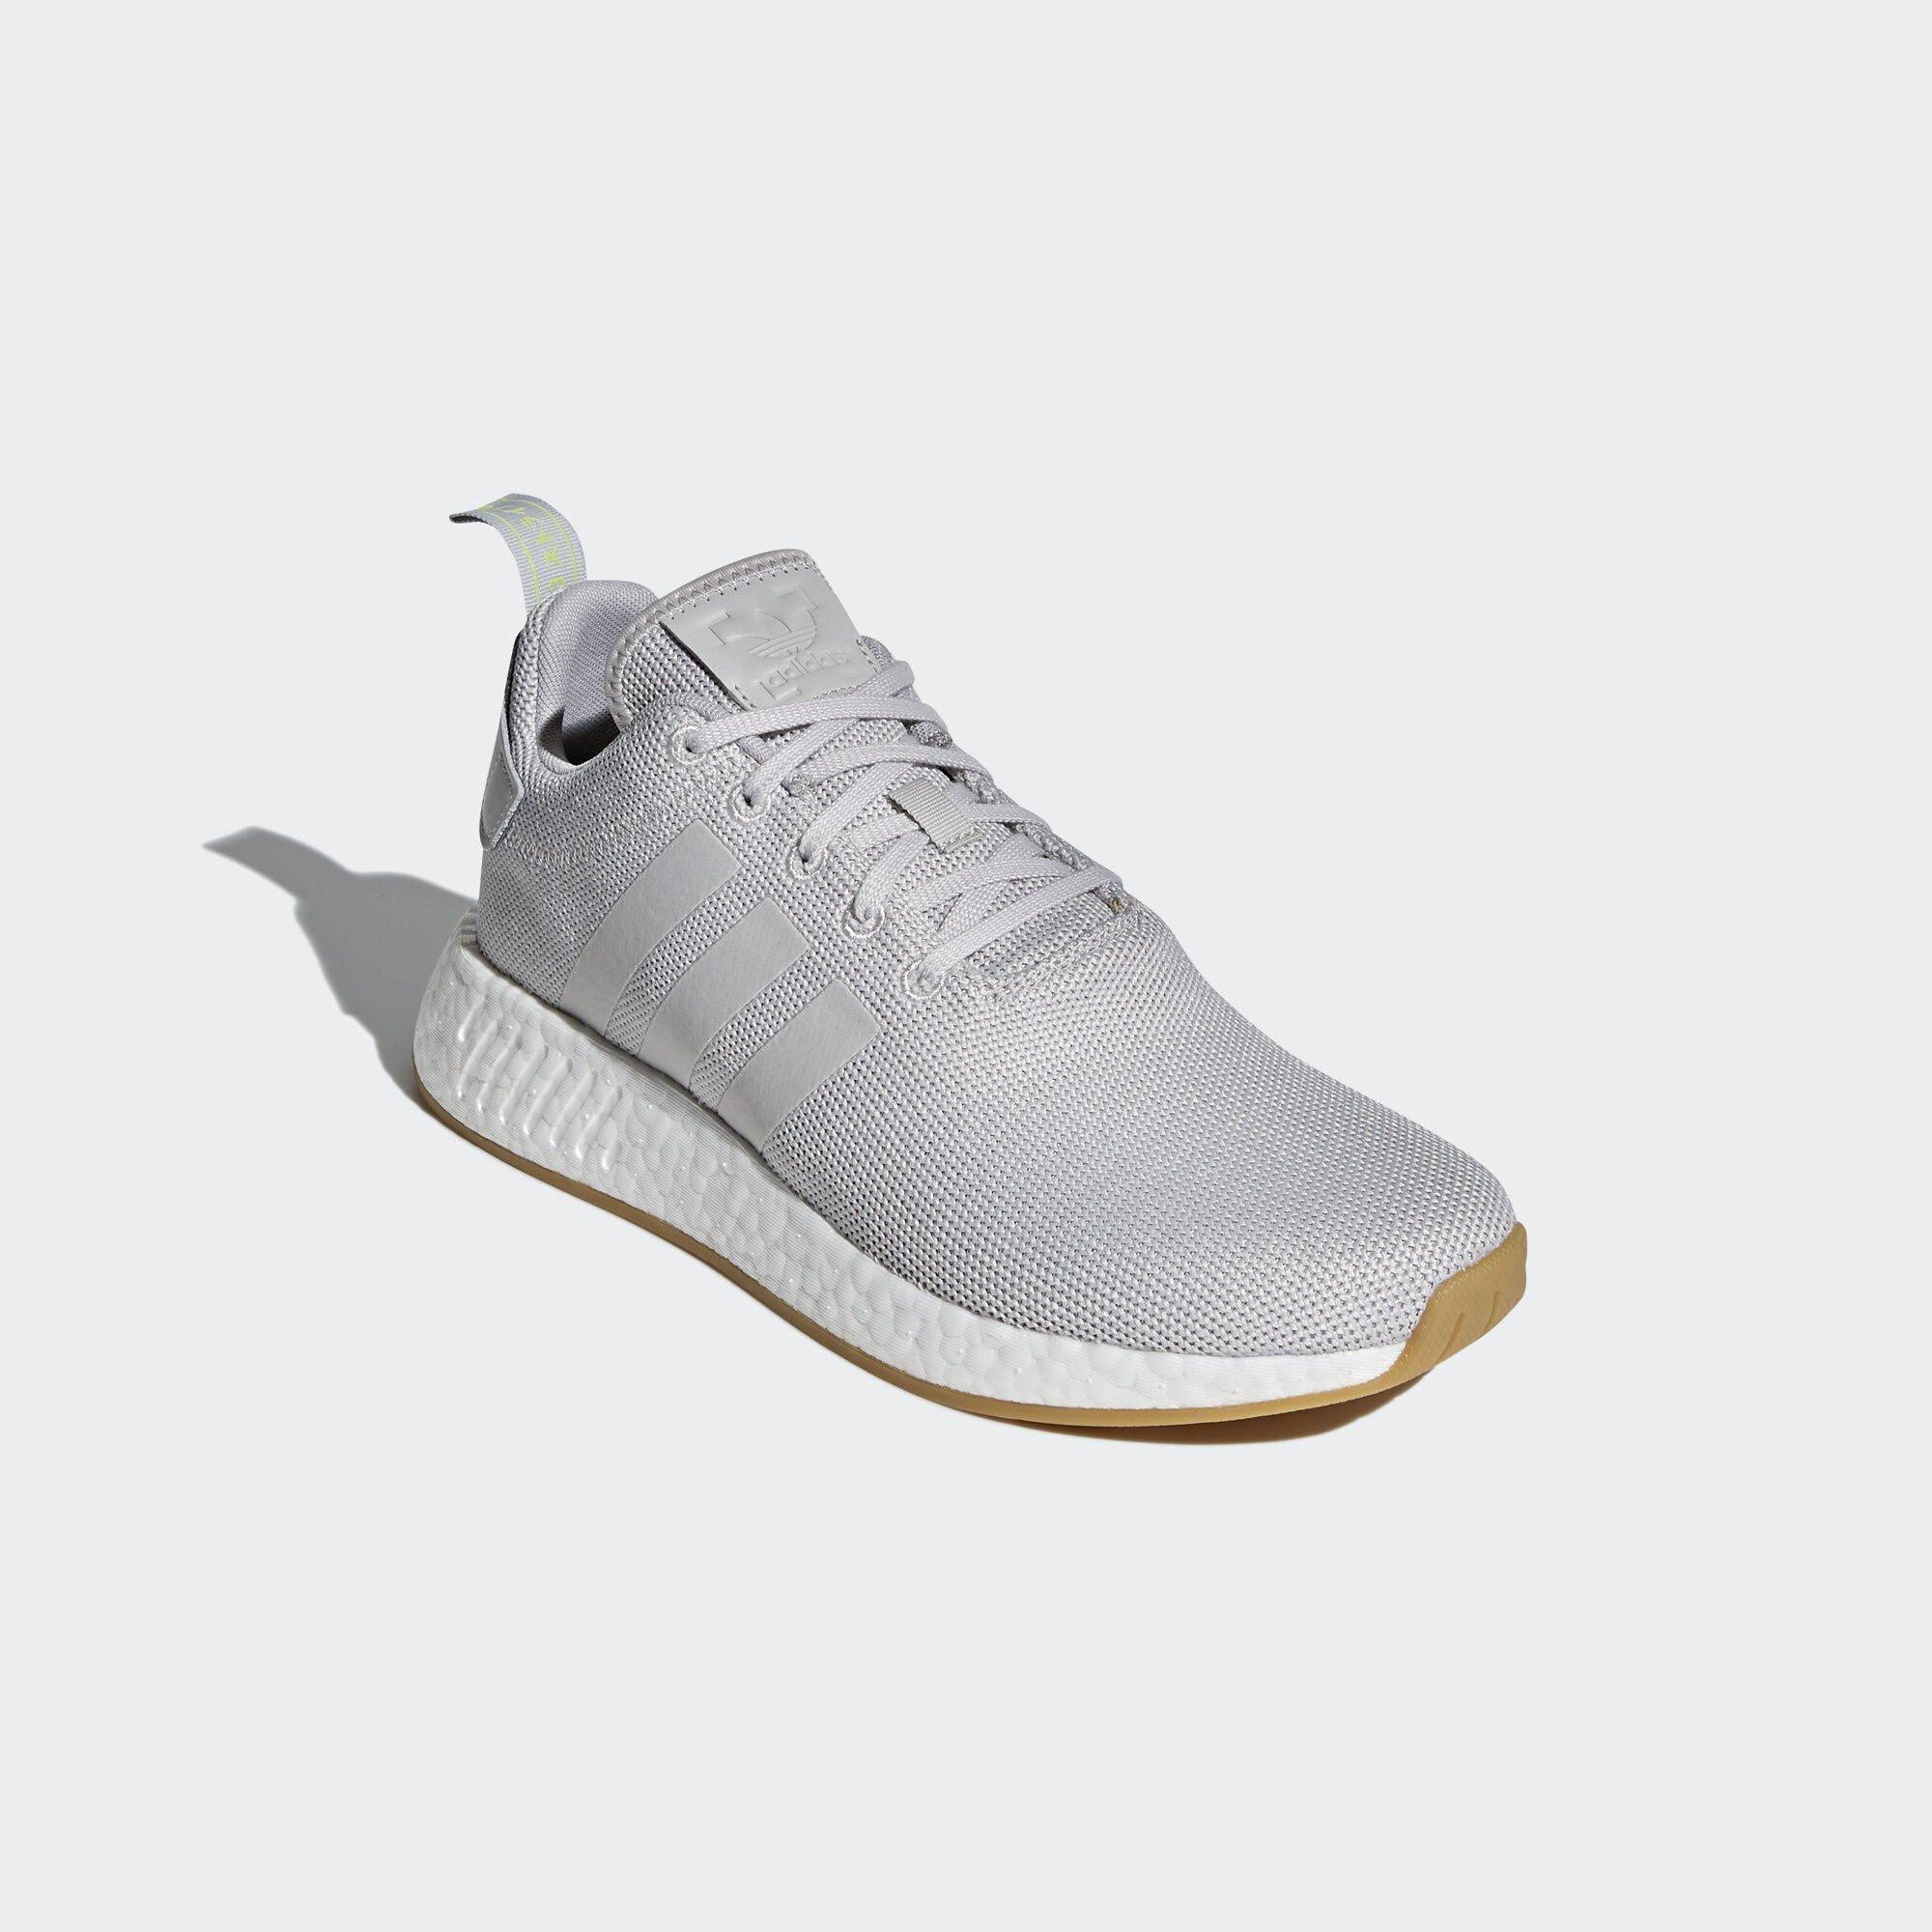 adidas NMD R2 Grey One Grey Two (CQ2403)